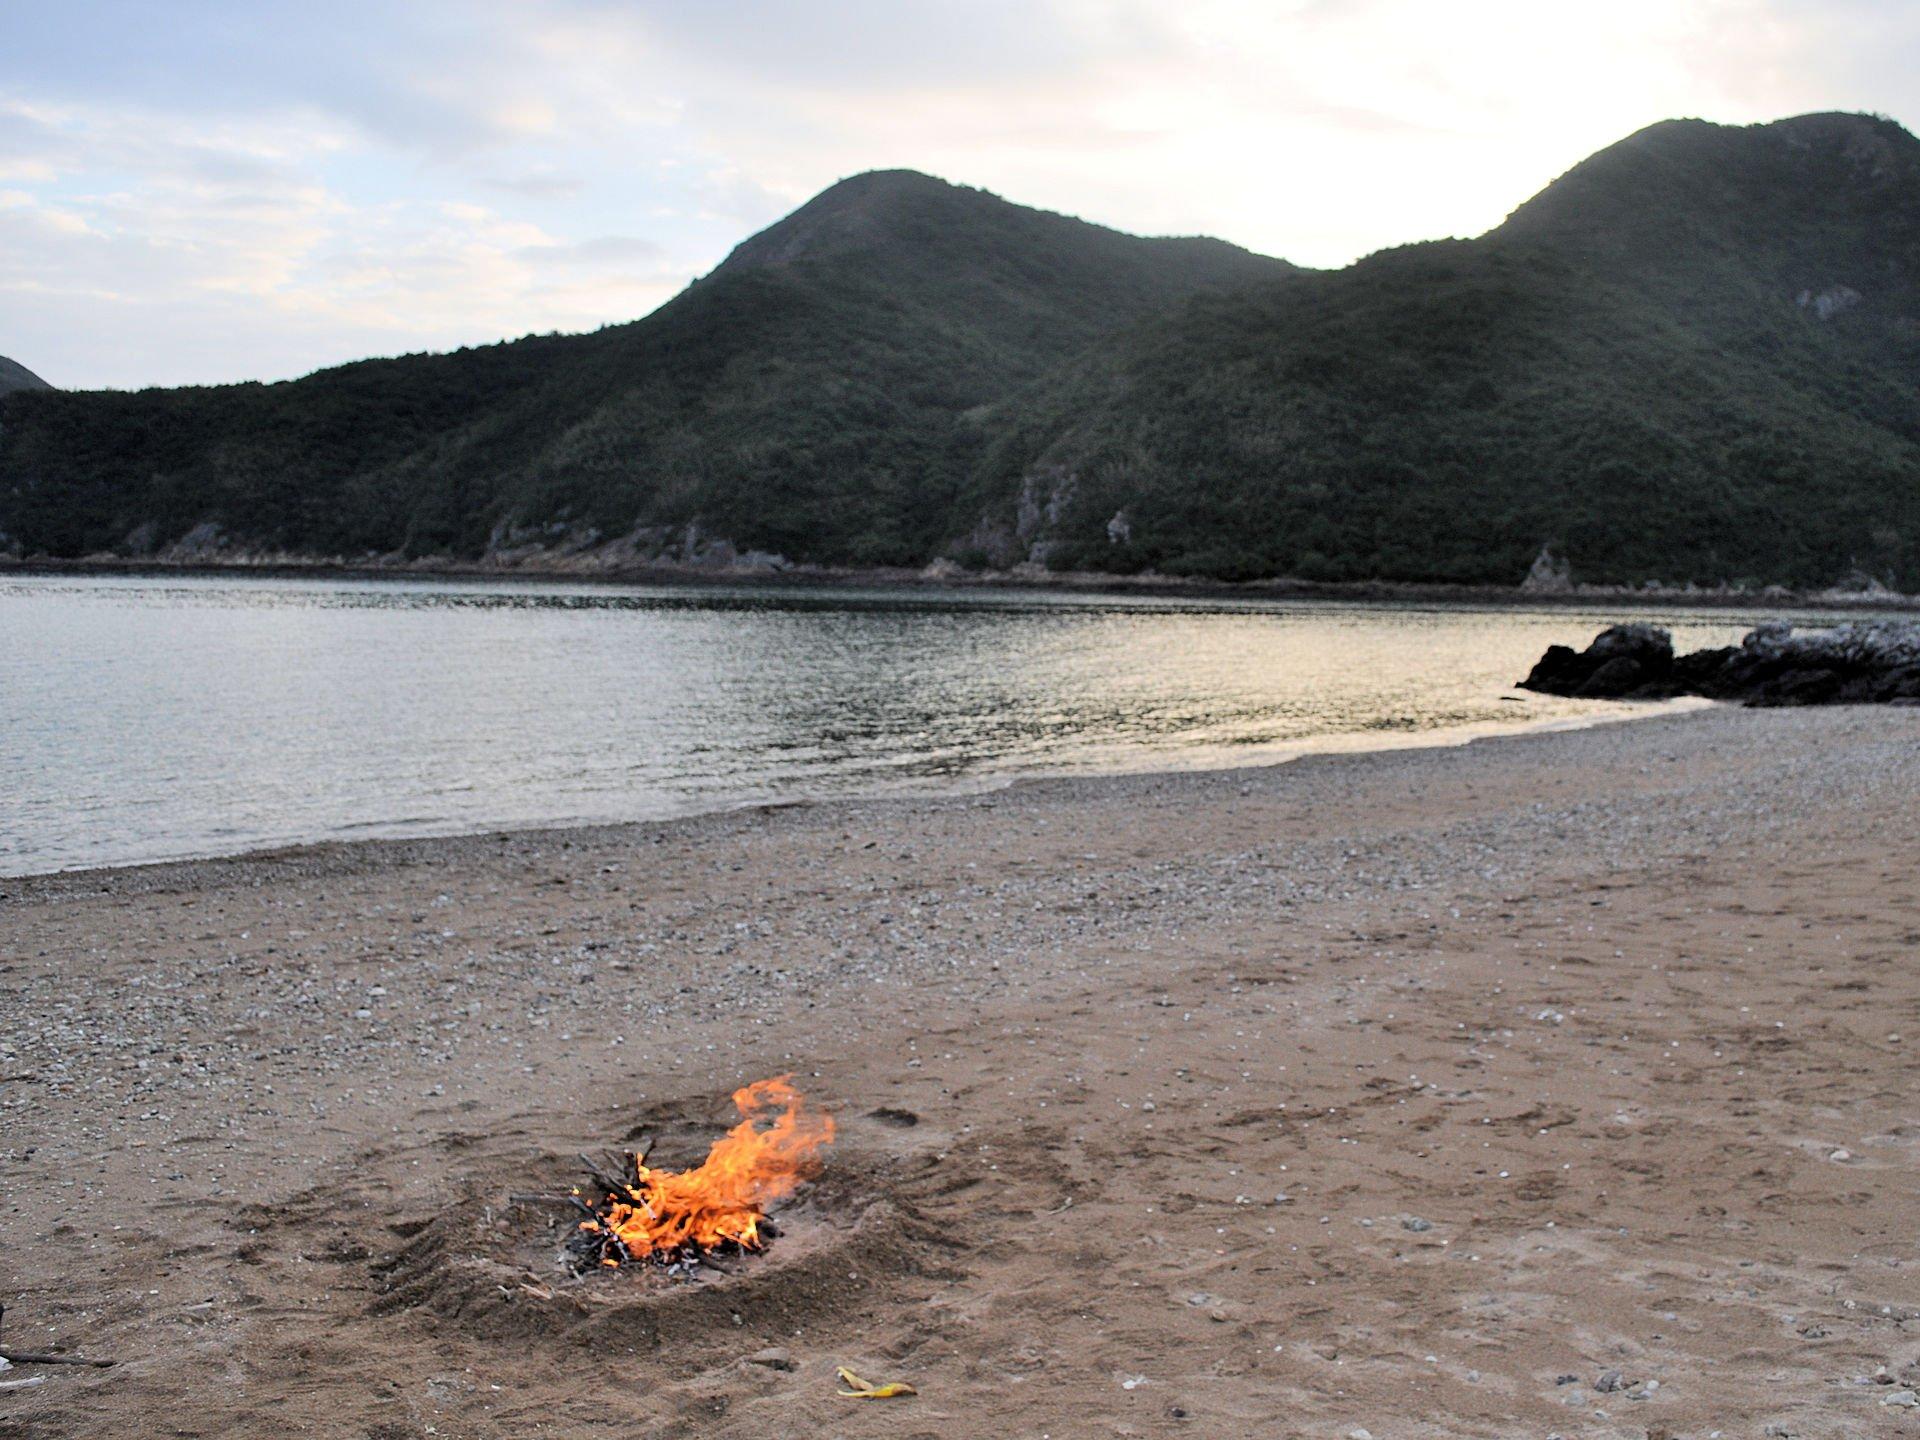 2017 Sea Kayak Hong Kong Double Haven campfire